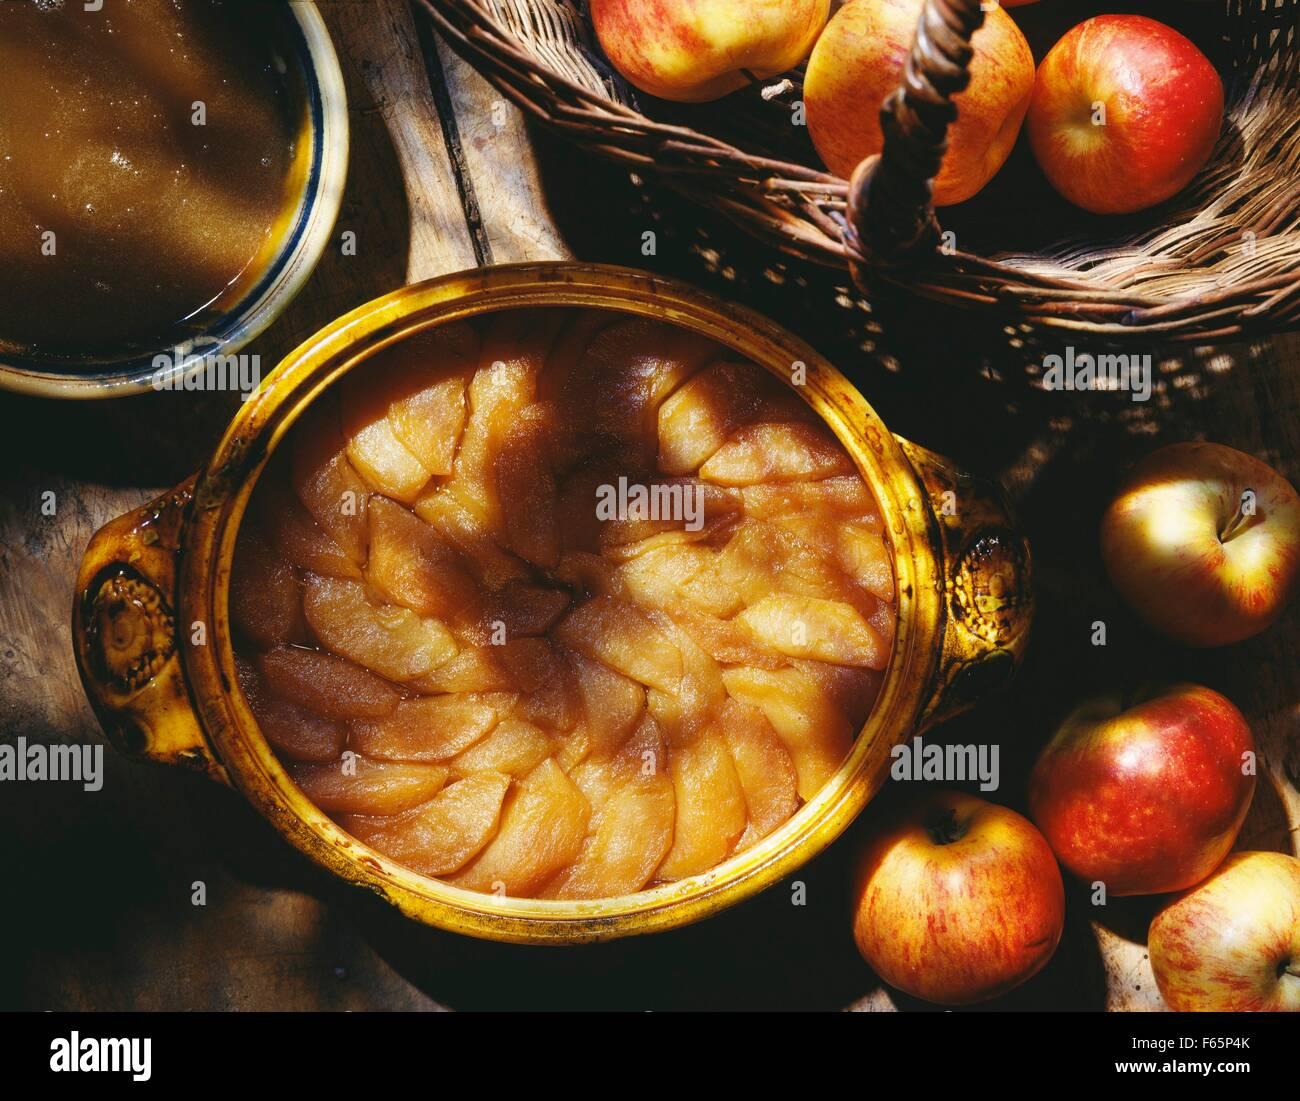 Tranches de pommes cuites Banque D'Images